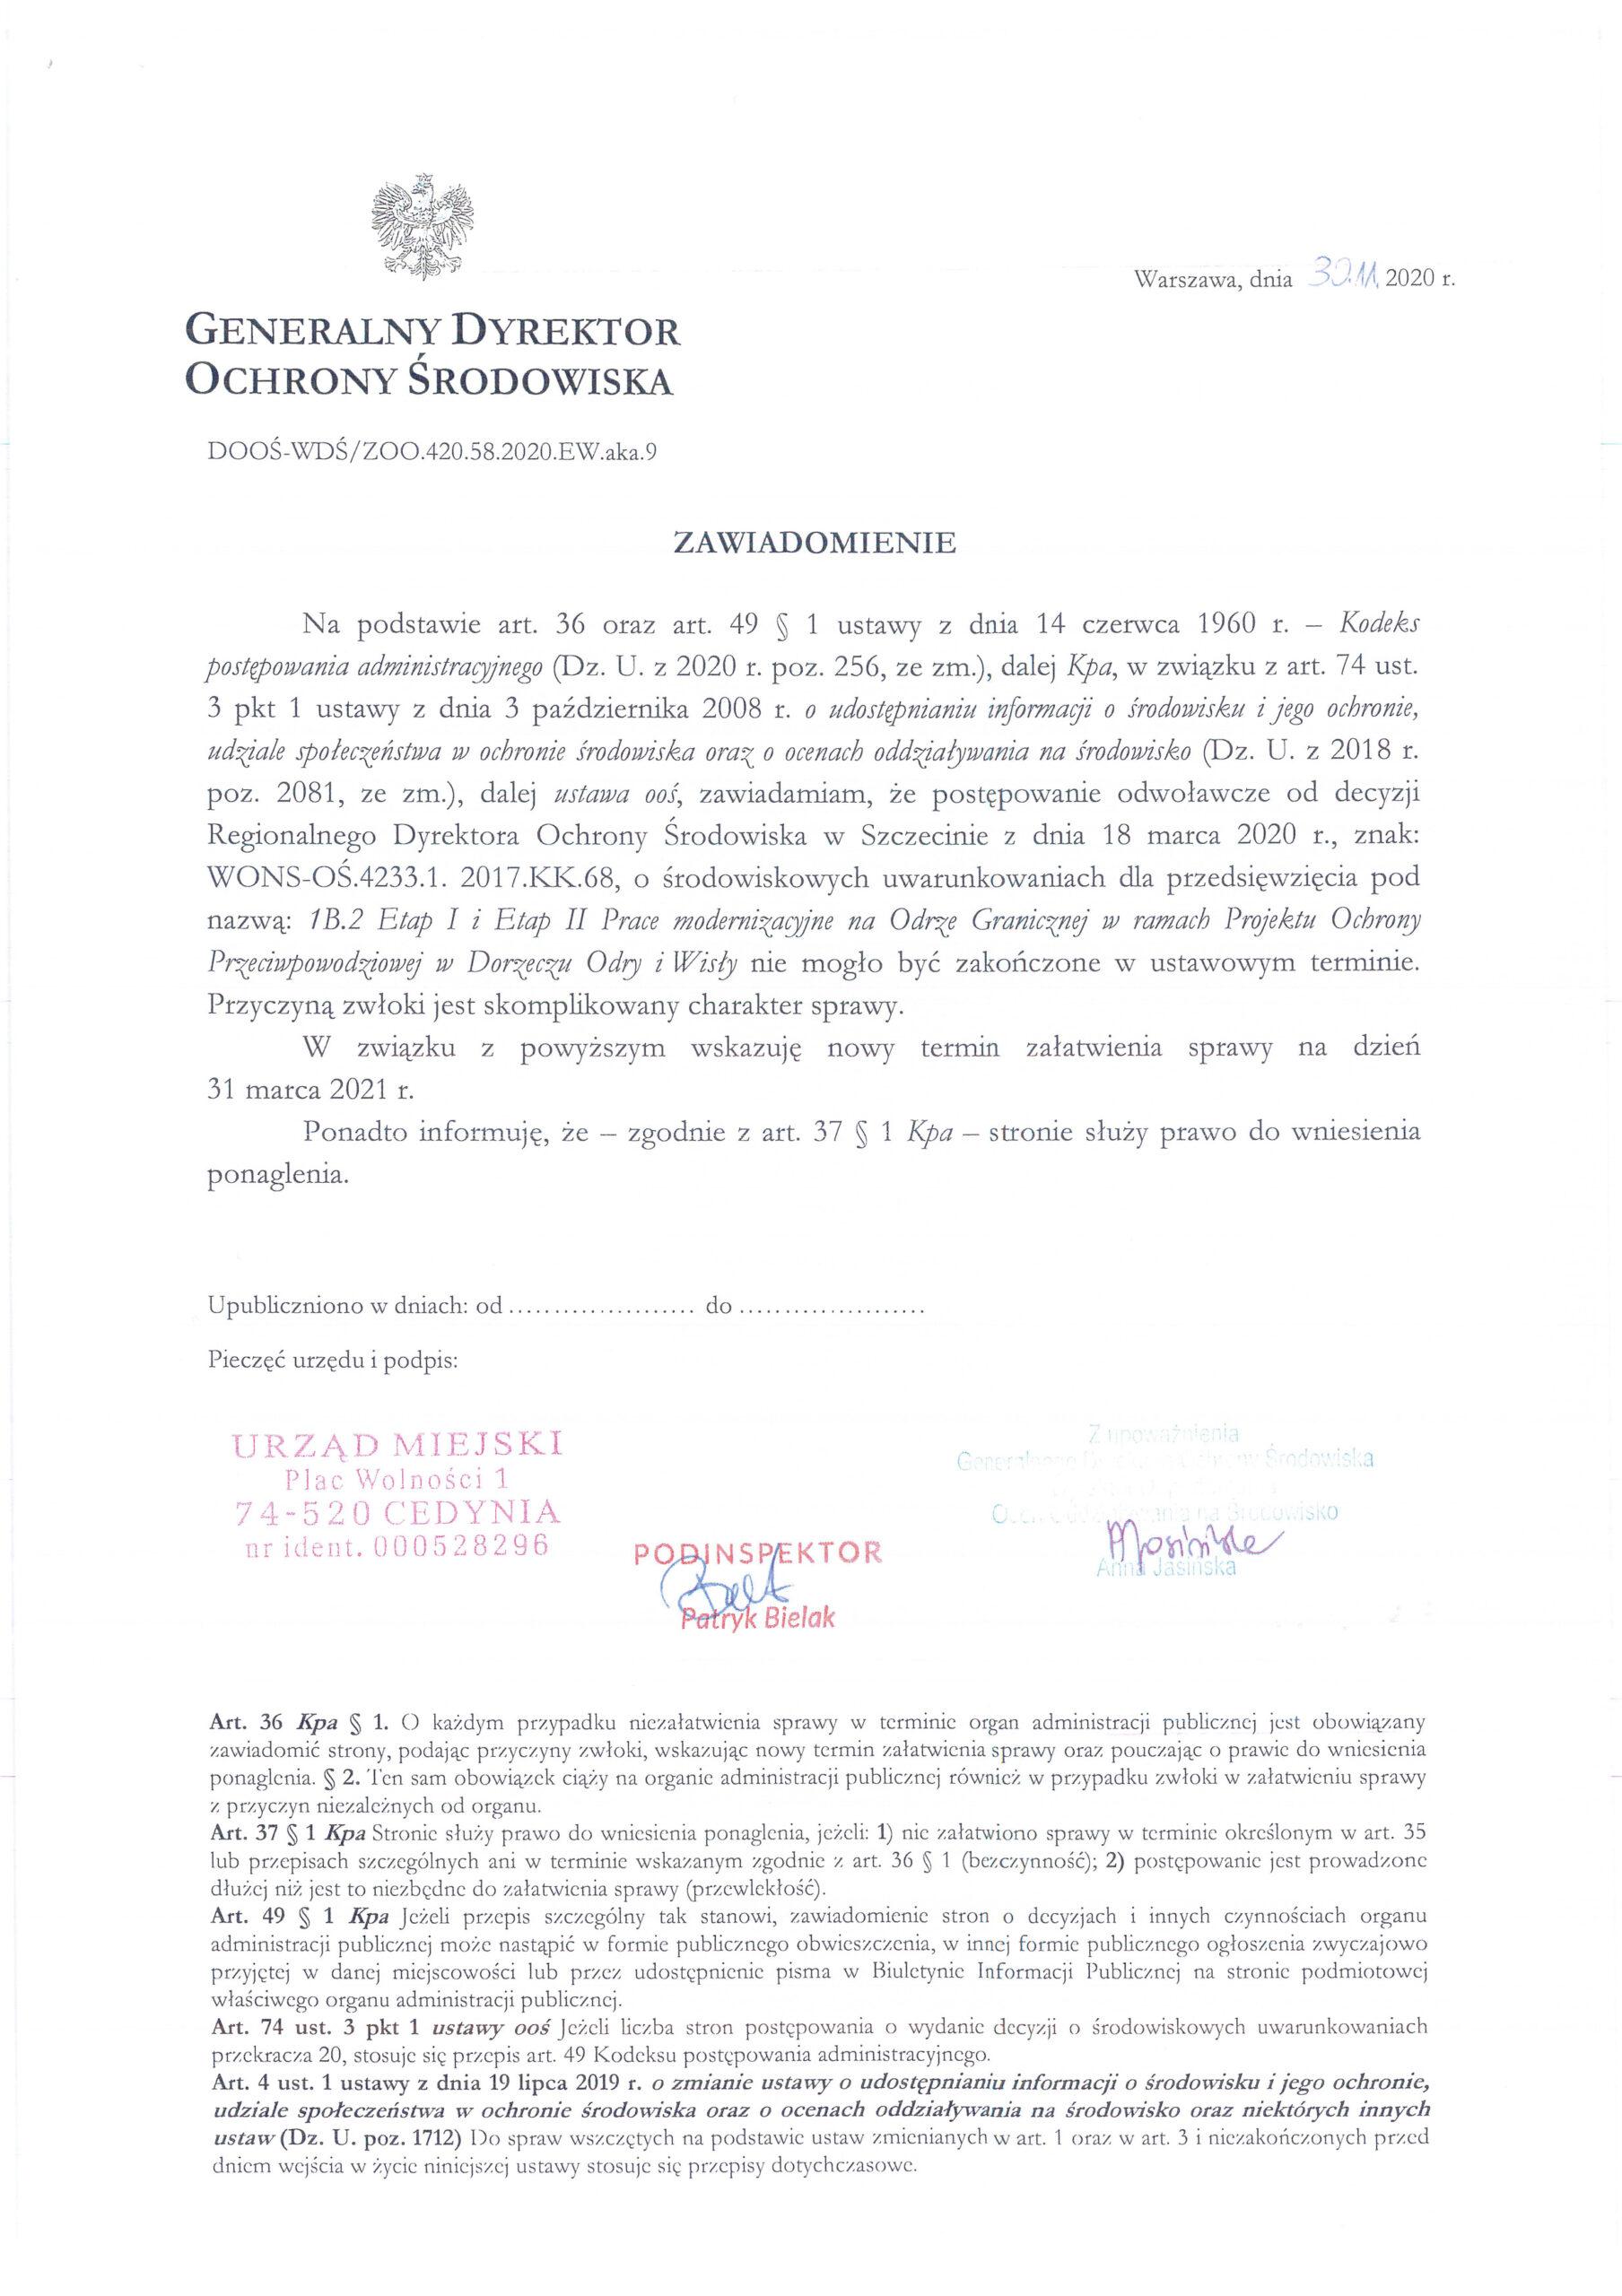 Projekt ochrony przeciwpowodziowej w dorzeczu Odry i Wisły - nowy termin załatwienia sprawy do 31 marca 2021 r.